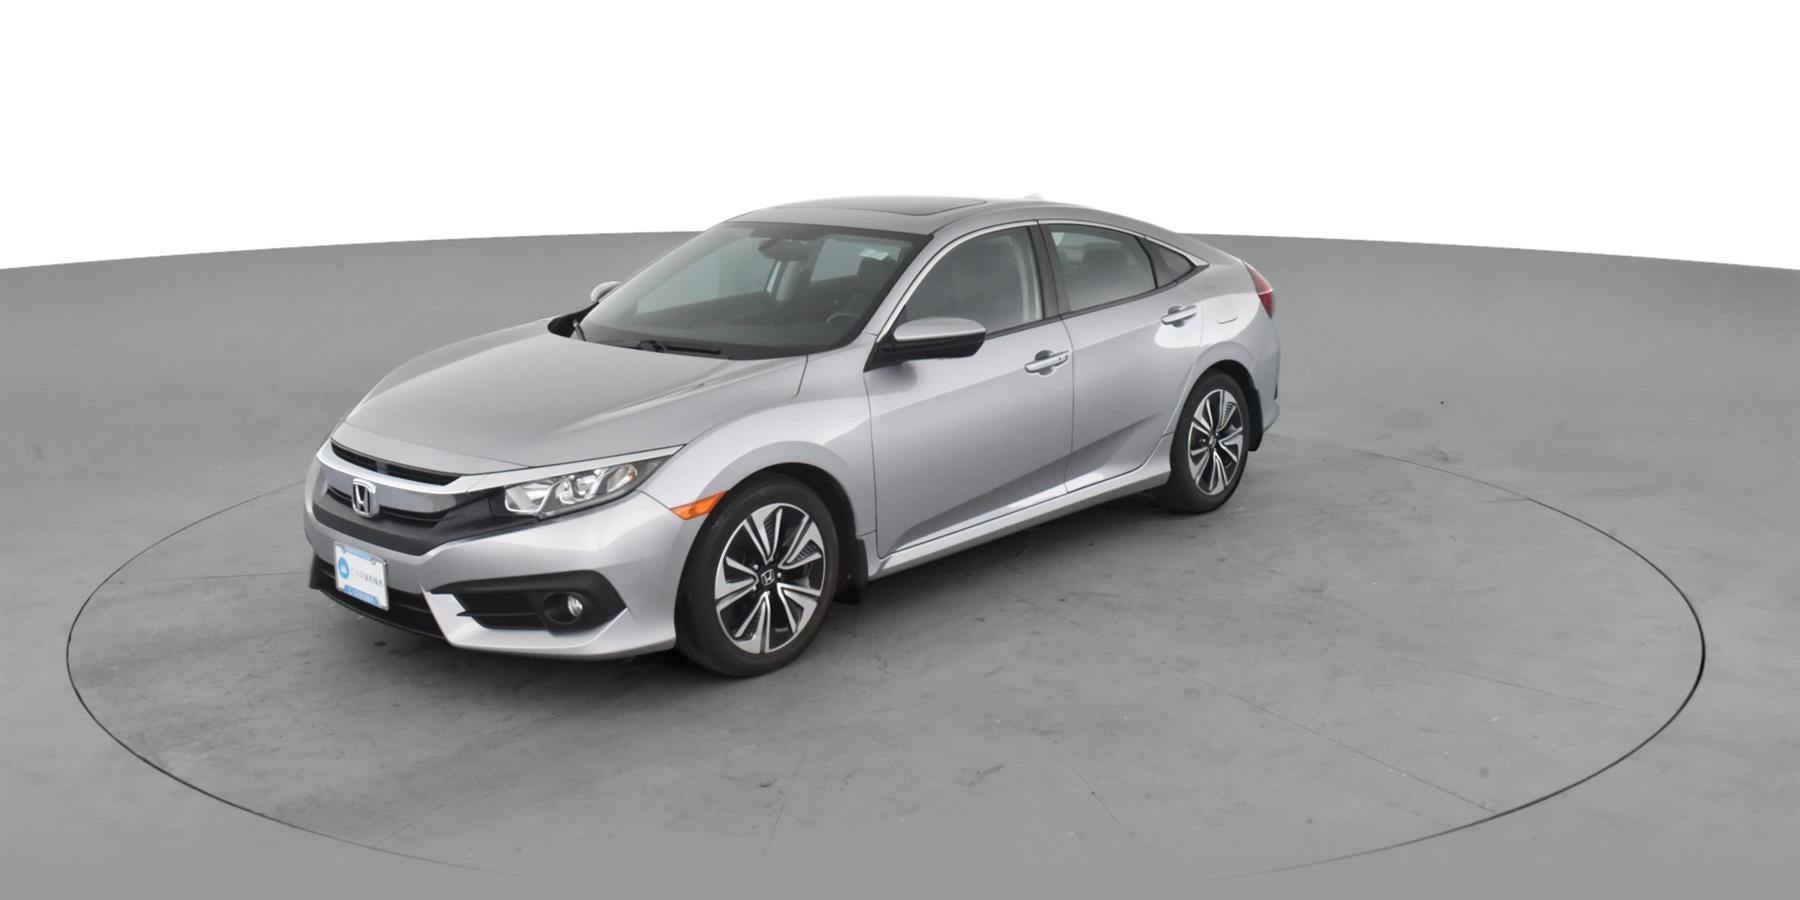 Used 2016 Honda Civic Carvana